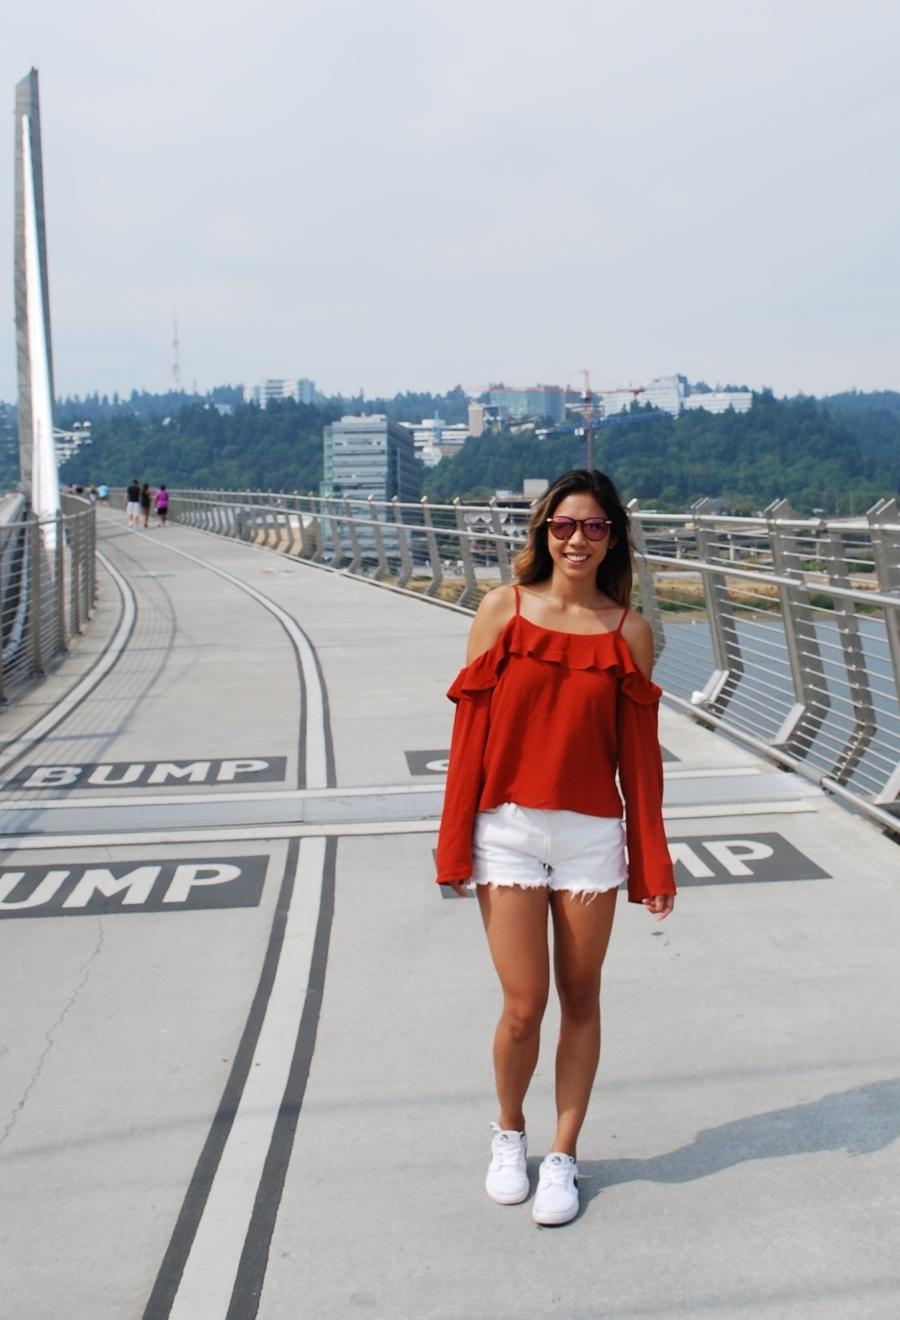 Tilikum+Crossing,+Bridge+of+the+People.Portland,+Oregon.jpg